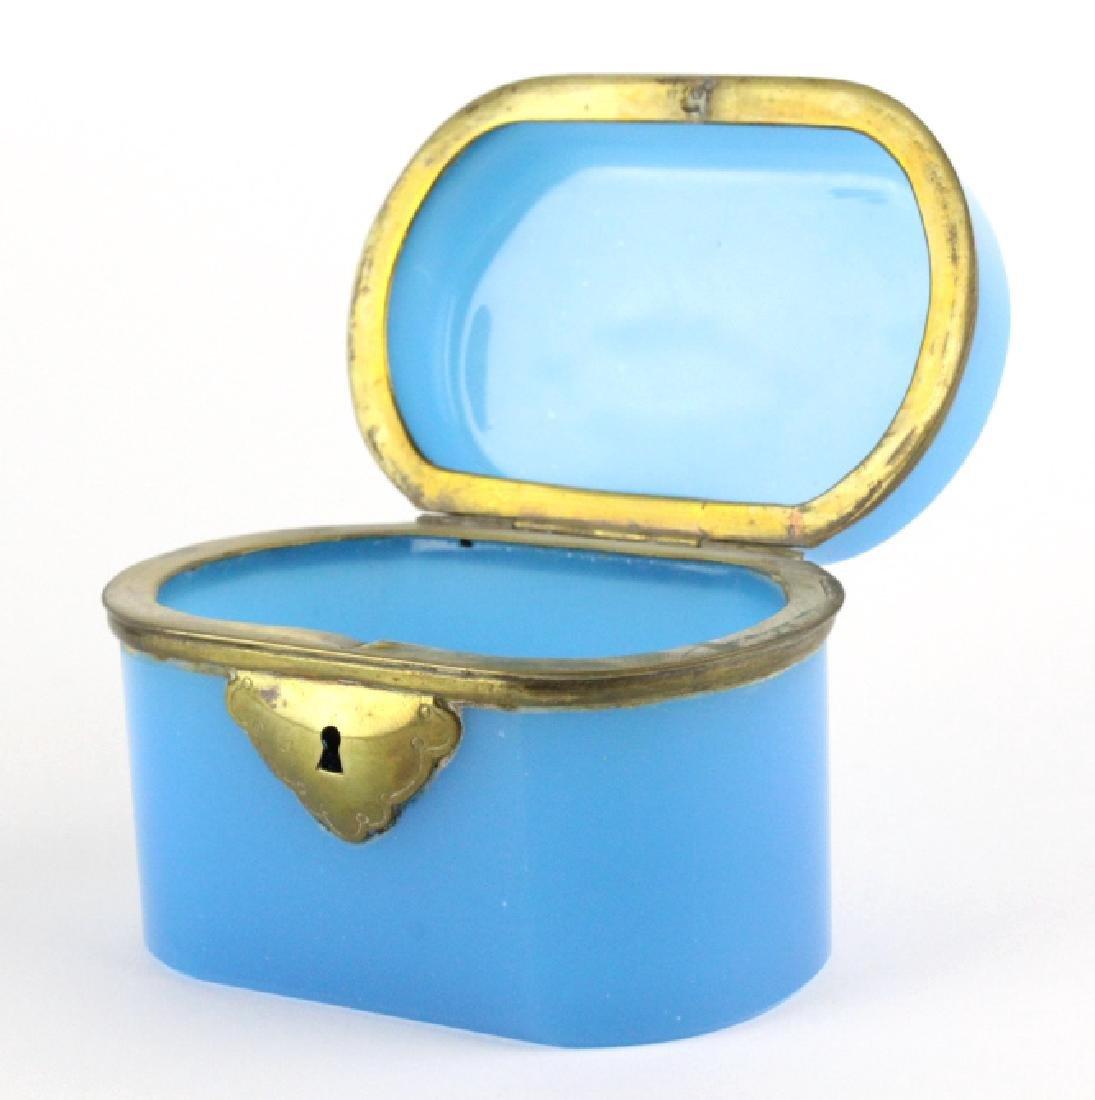 French Blue Opaline Art Glass Jewelry Dresser Box